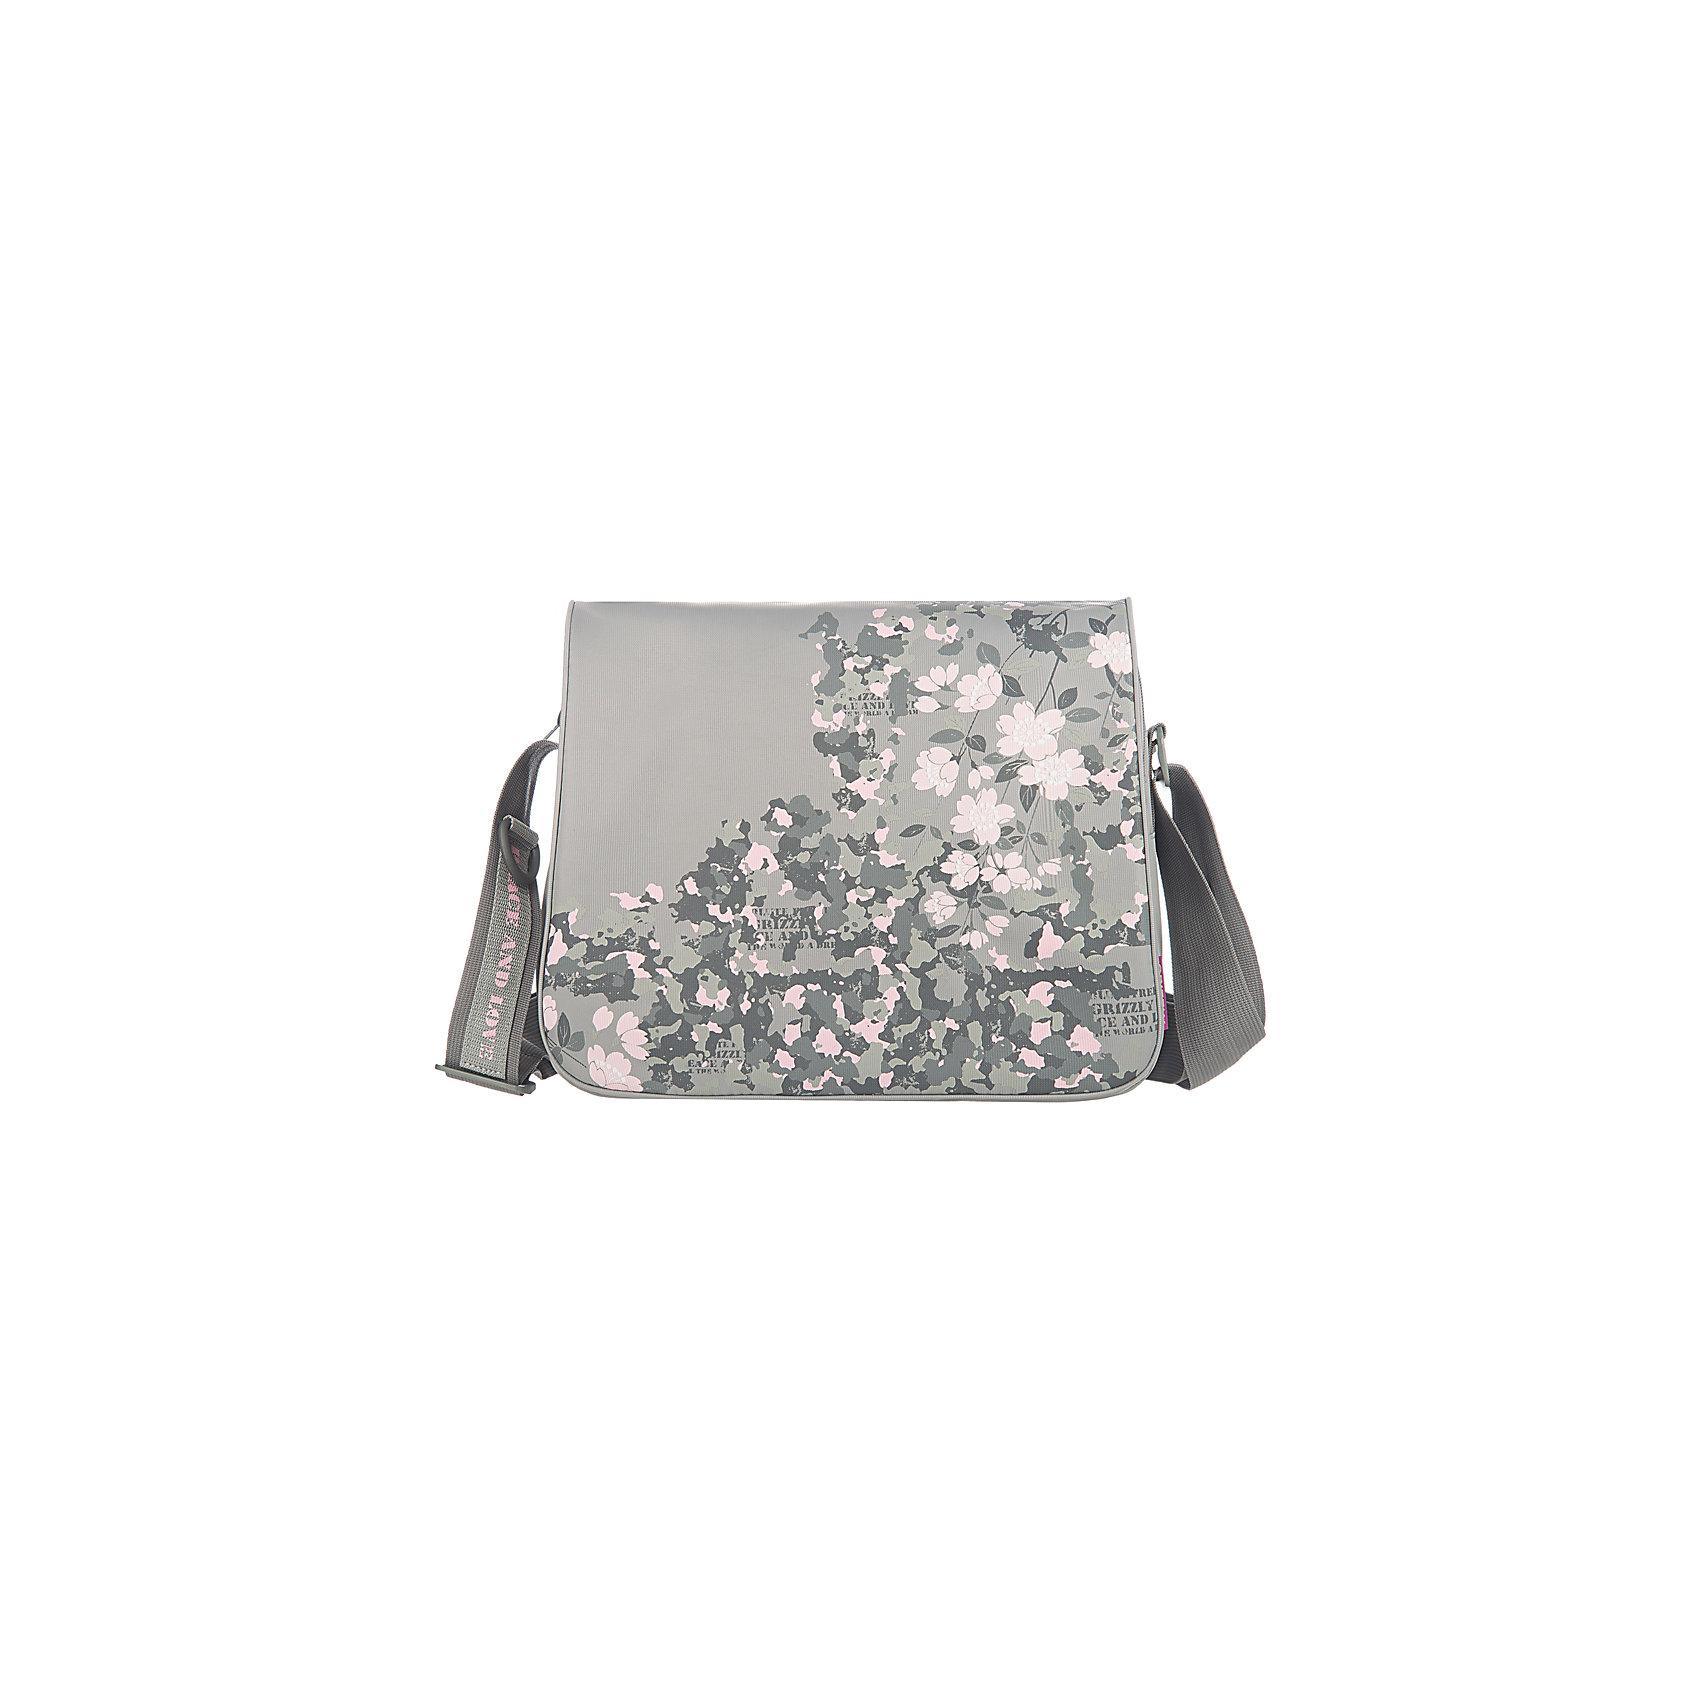 Сумка школьная Grizzly, сераяШкольные сумки<br>Молодежная сумка, два отделения, клапан на липучках, передний карман, плоский передний карман на молнии, внутренний карман на молнии, регулируемый плечевой ремень<br><br>Ширина мм: 335<br>Глубина мм: 120<br>Высота мм: 280<br>Вес г: 555<br>Возраст от месяцев: 120<br>Возраст до месяцев: 2147483647<br>Пол: Женский<br>Возраст: Детский<br>SKU: 6939818